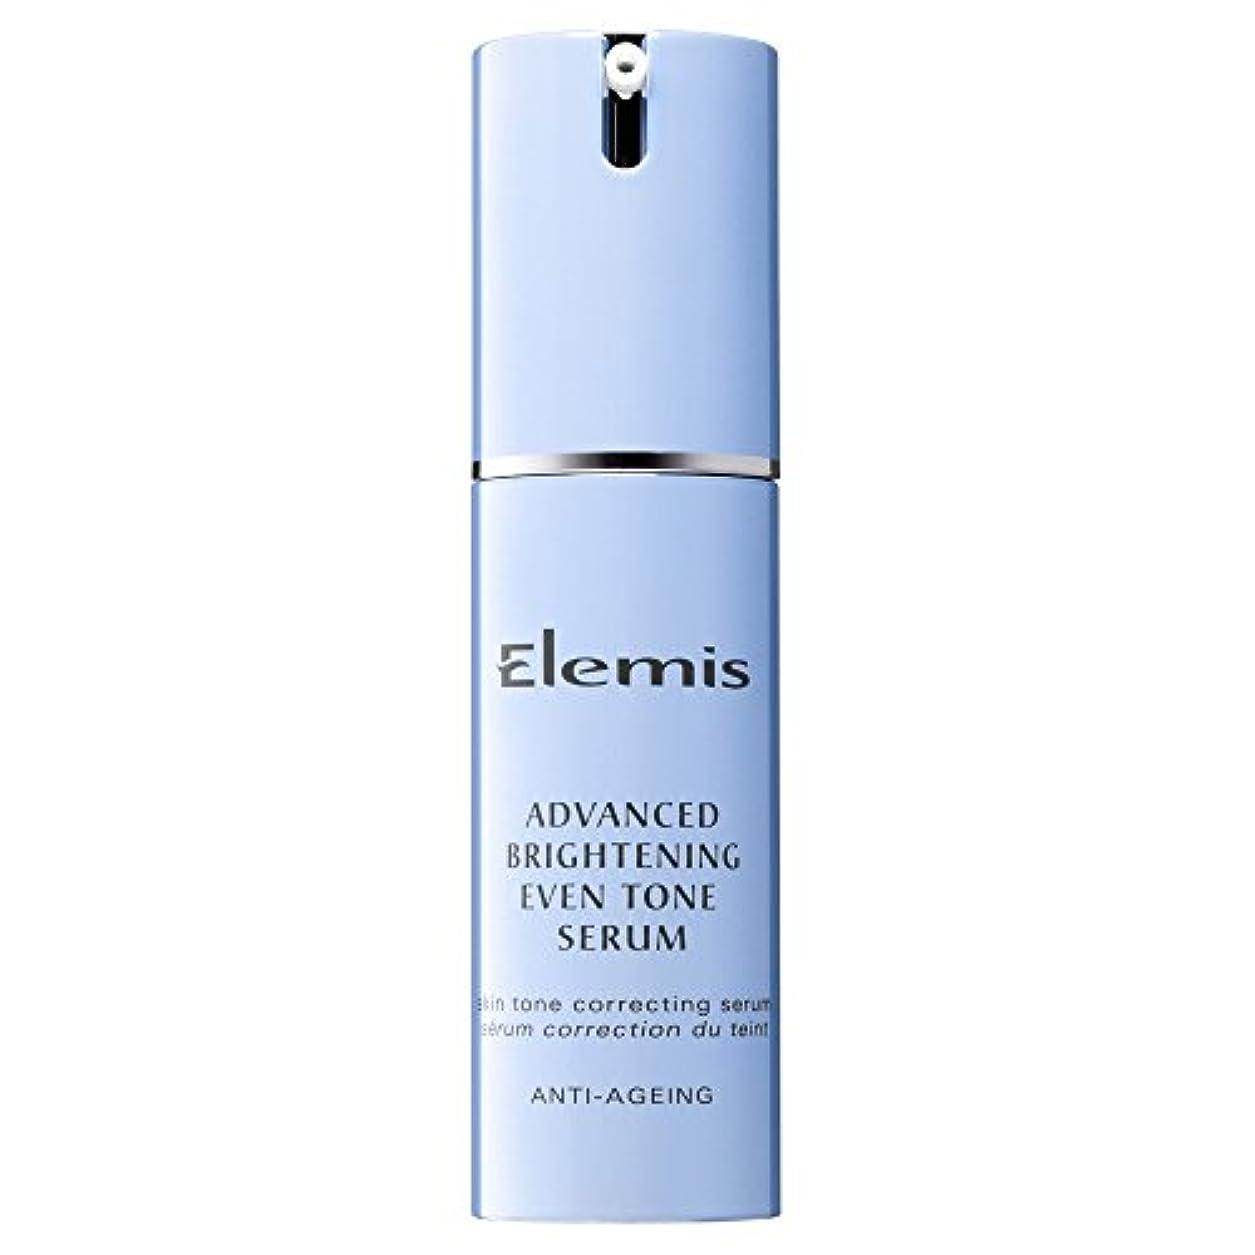 資源成り立つ引き算エレミス高度な光沢血清30ミリリットル (Elemis) - Elemis Advanced Brightening Serum 30ml [並行輸入品]